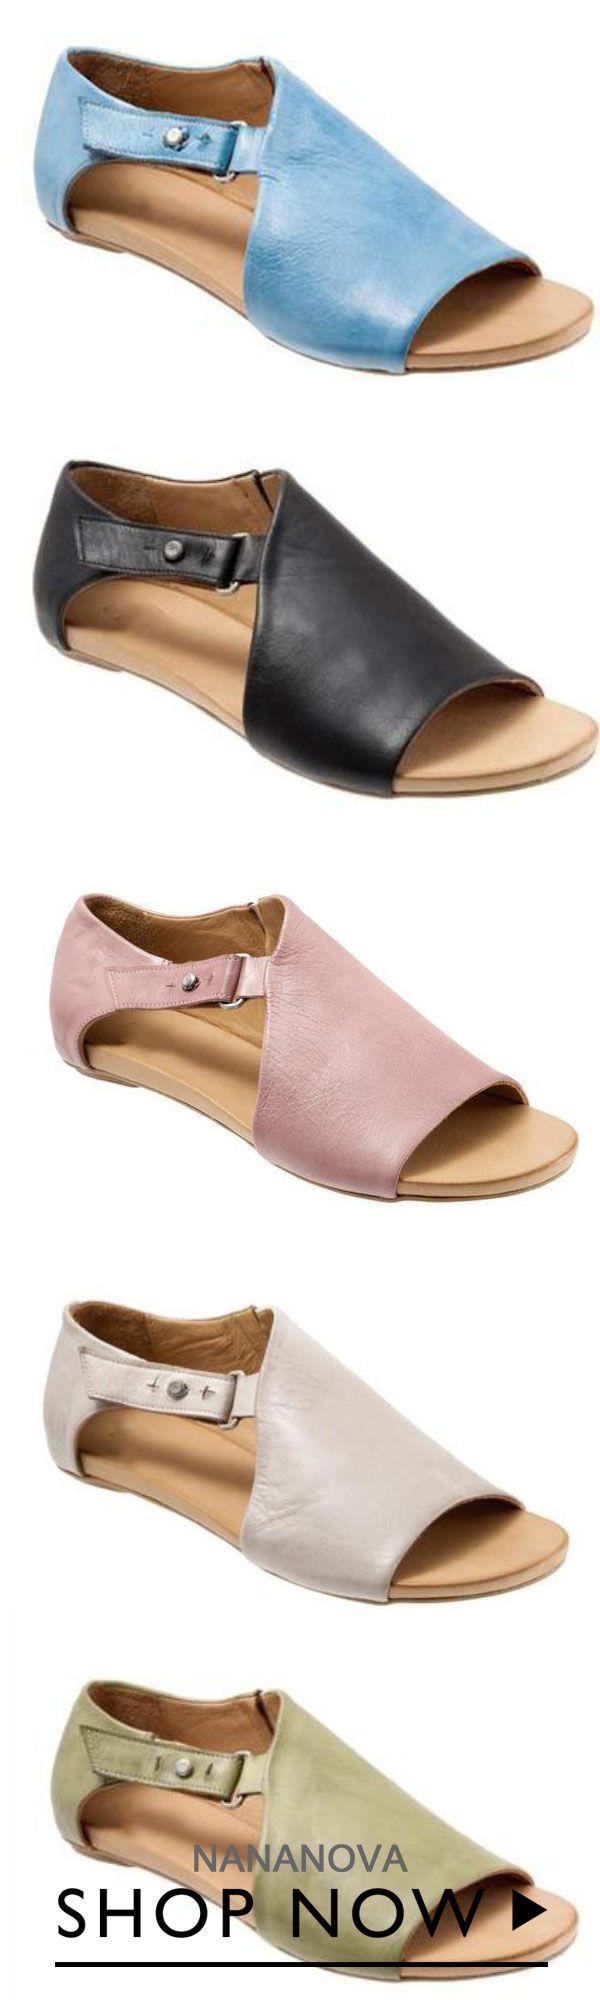 3d31709db5e81 Nananova Women Open Toe Closed Back Sandal Shoes | Fashion w 2019 ...